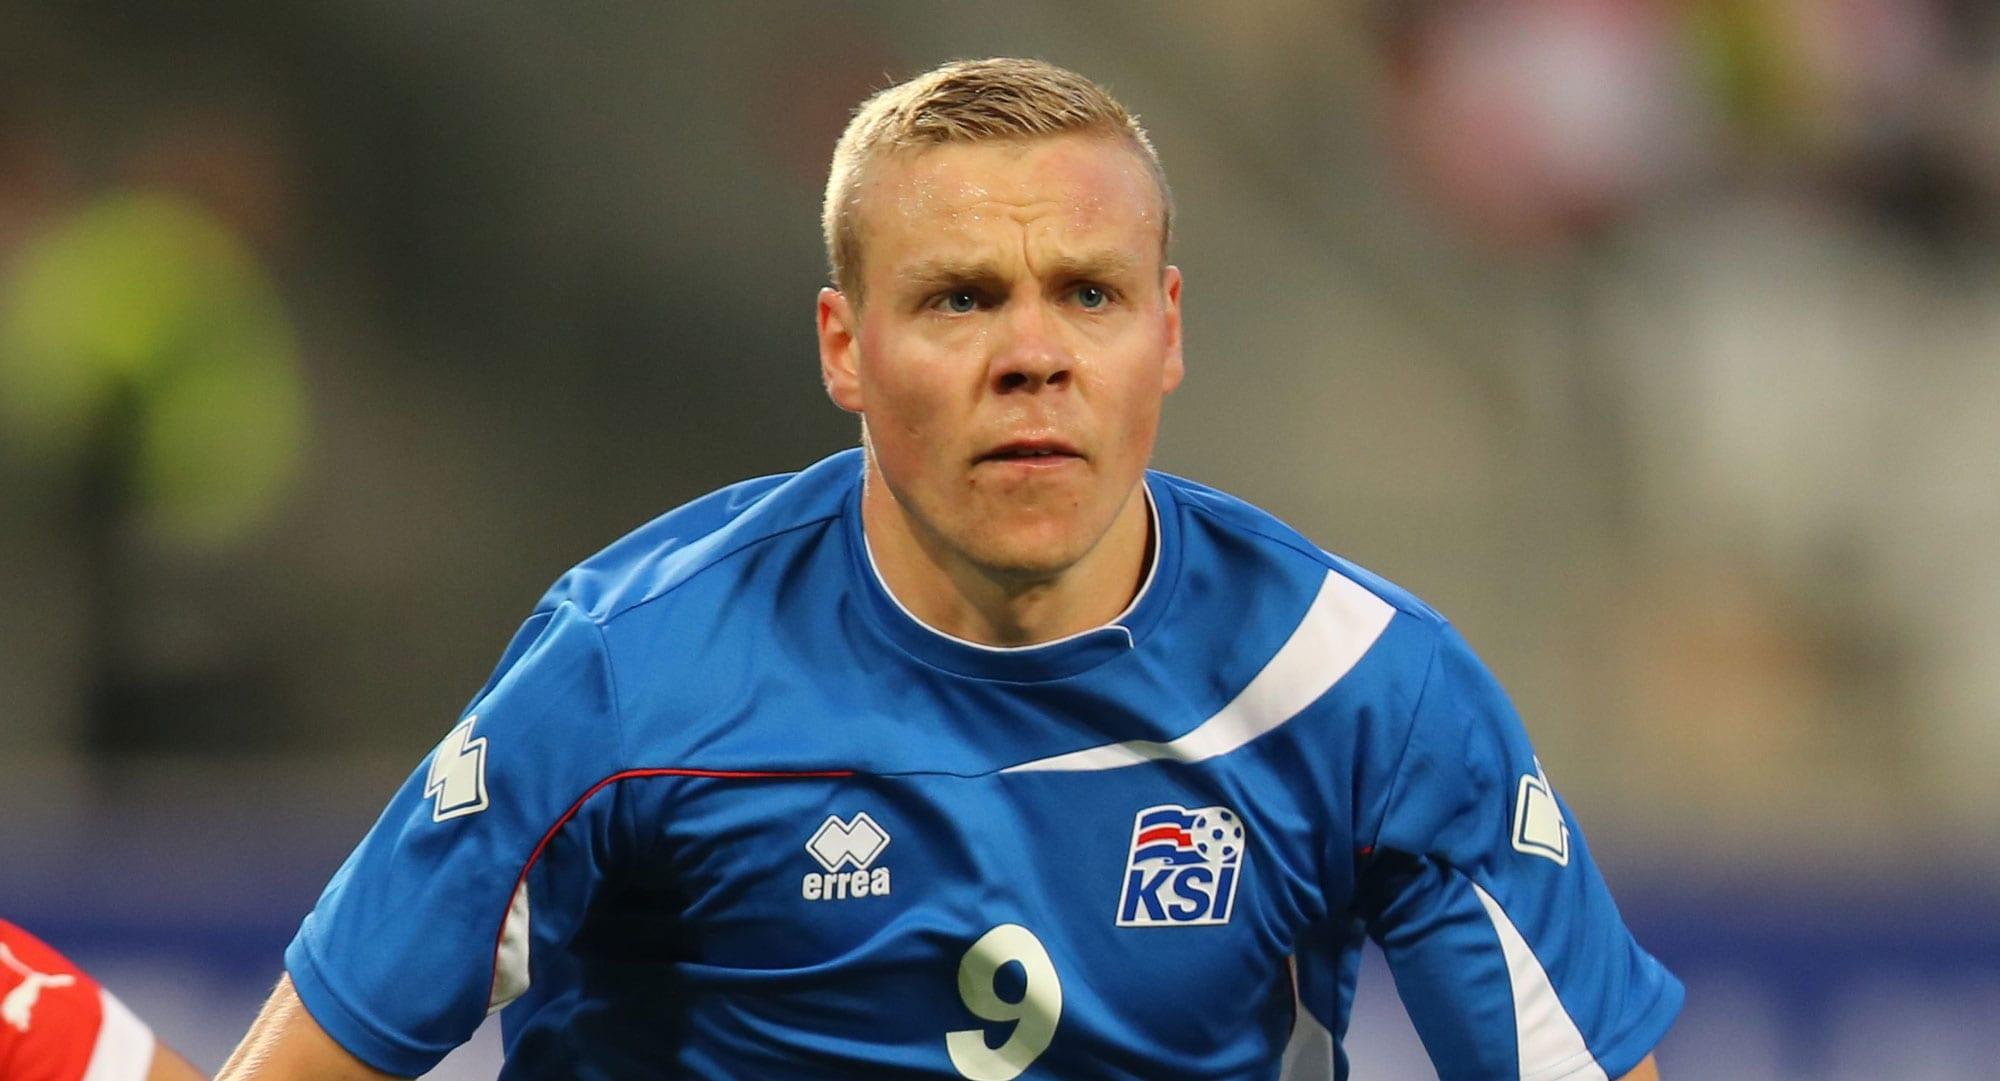 Andri Sigþórsson